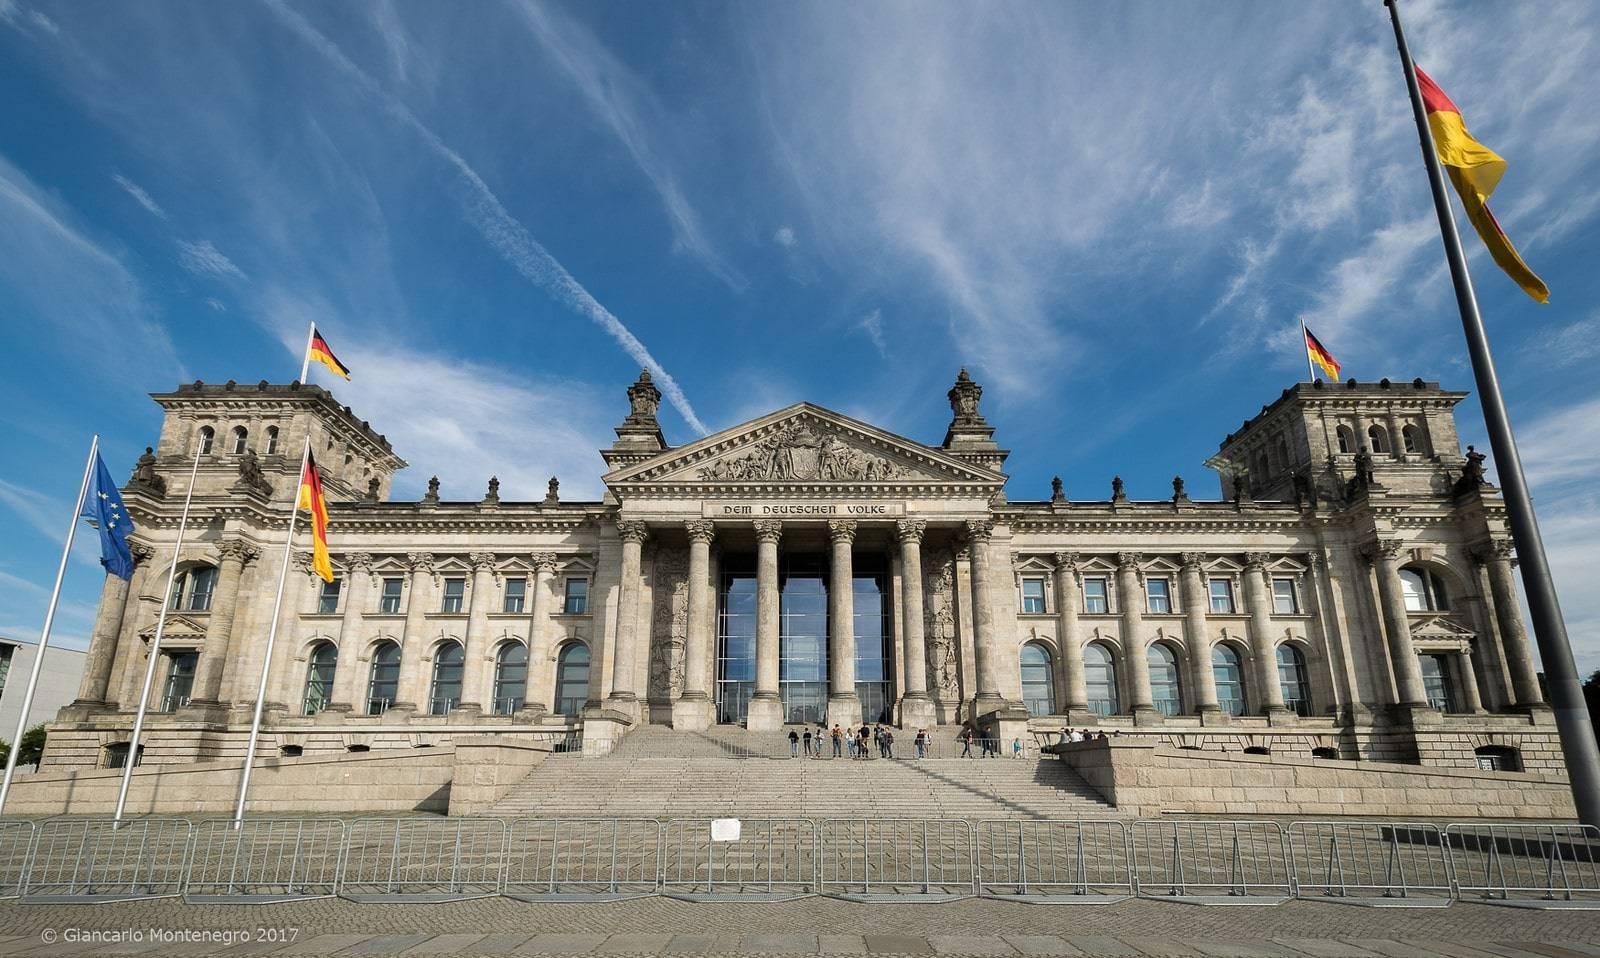 Экскурсии в Германии: куда поехать, стоимость, русскоязычные туры